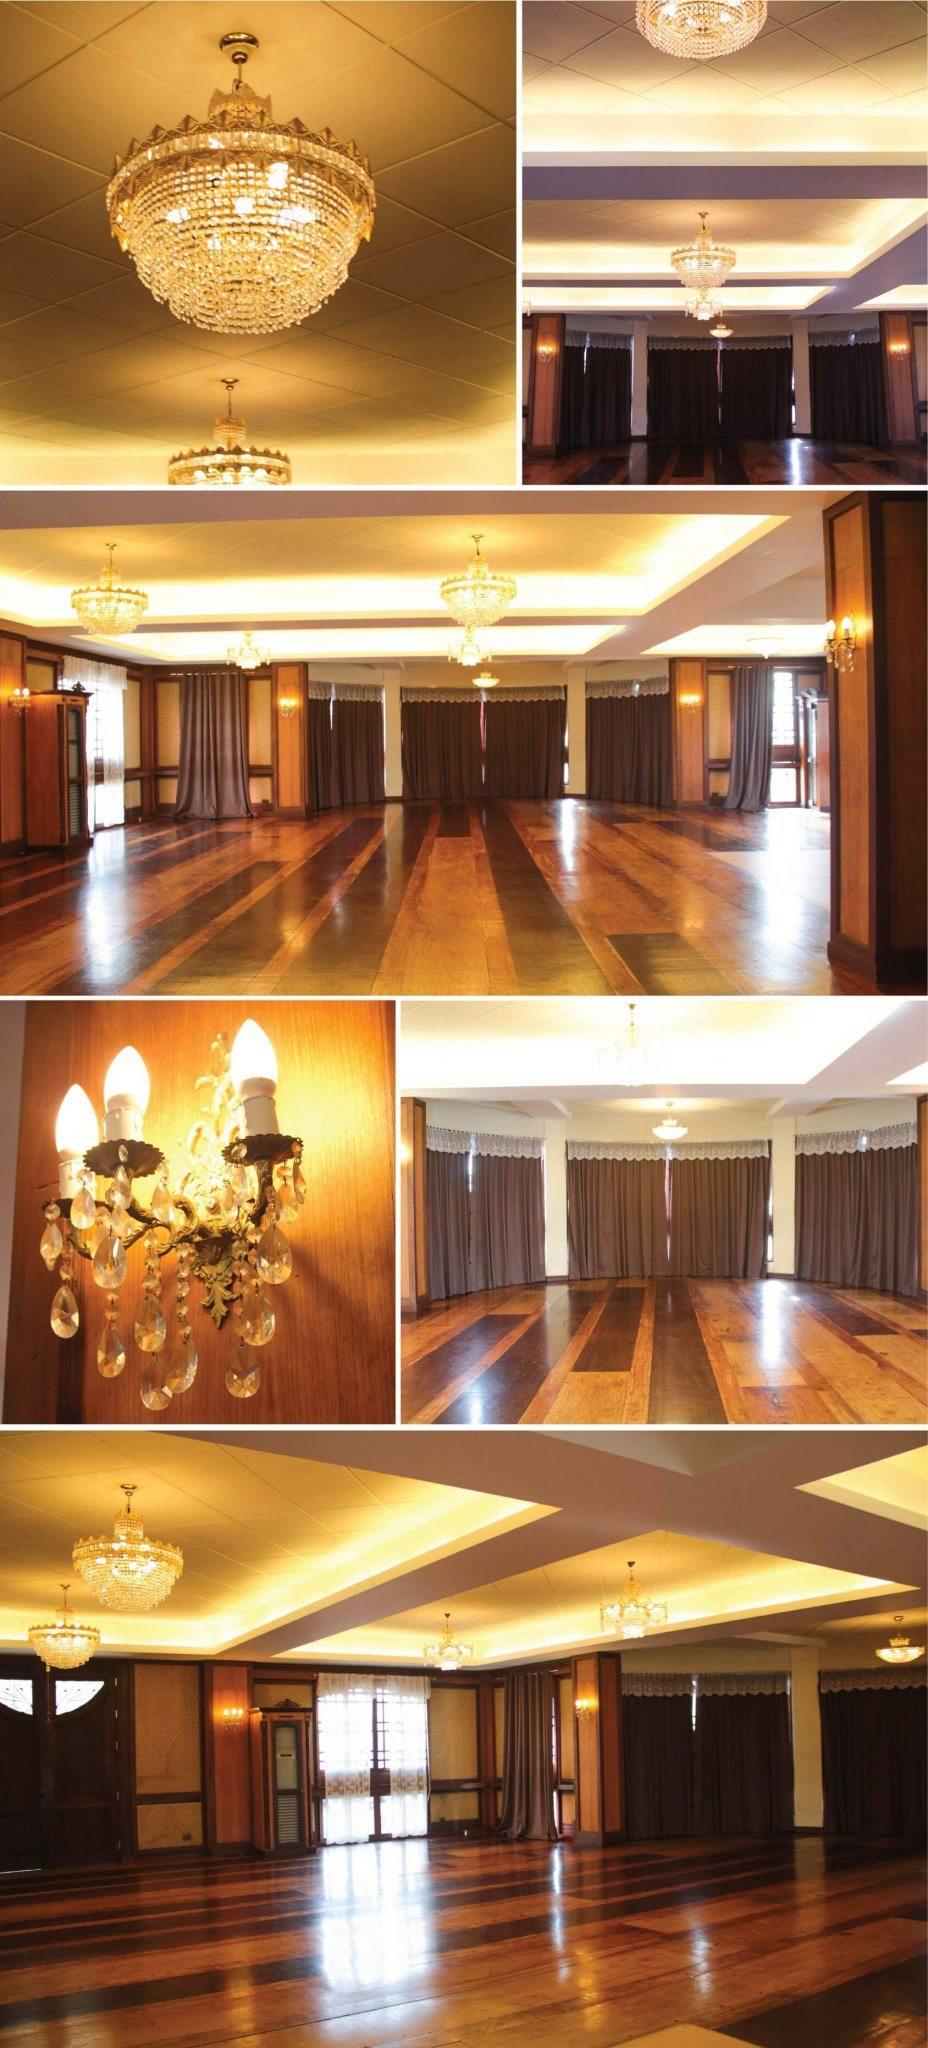 Casa Real Events Halls